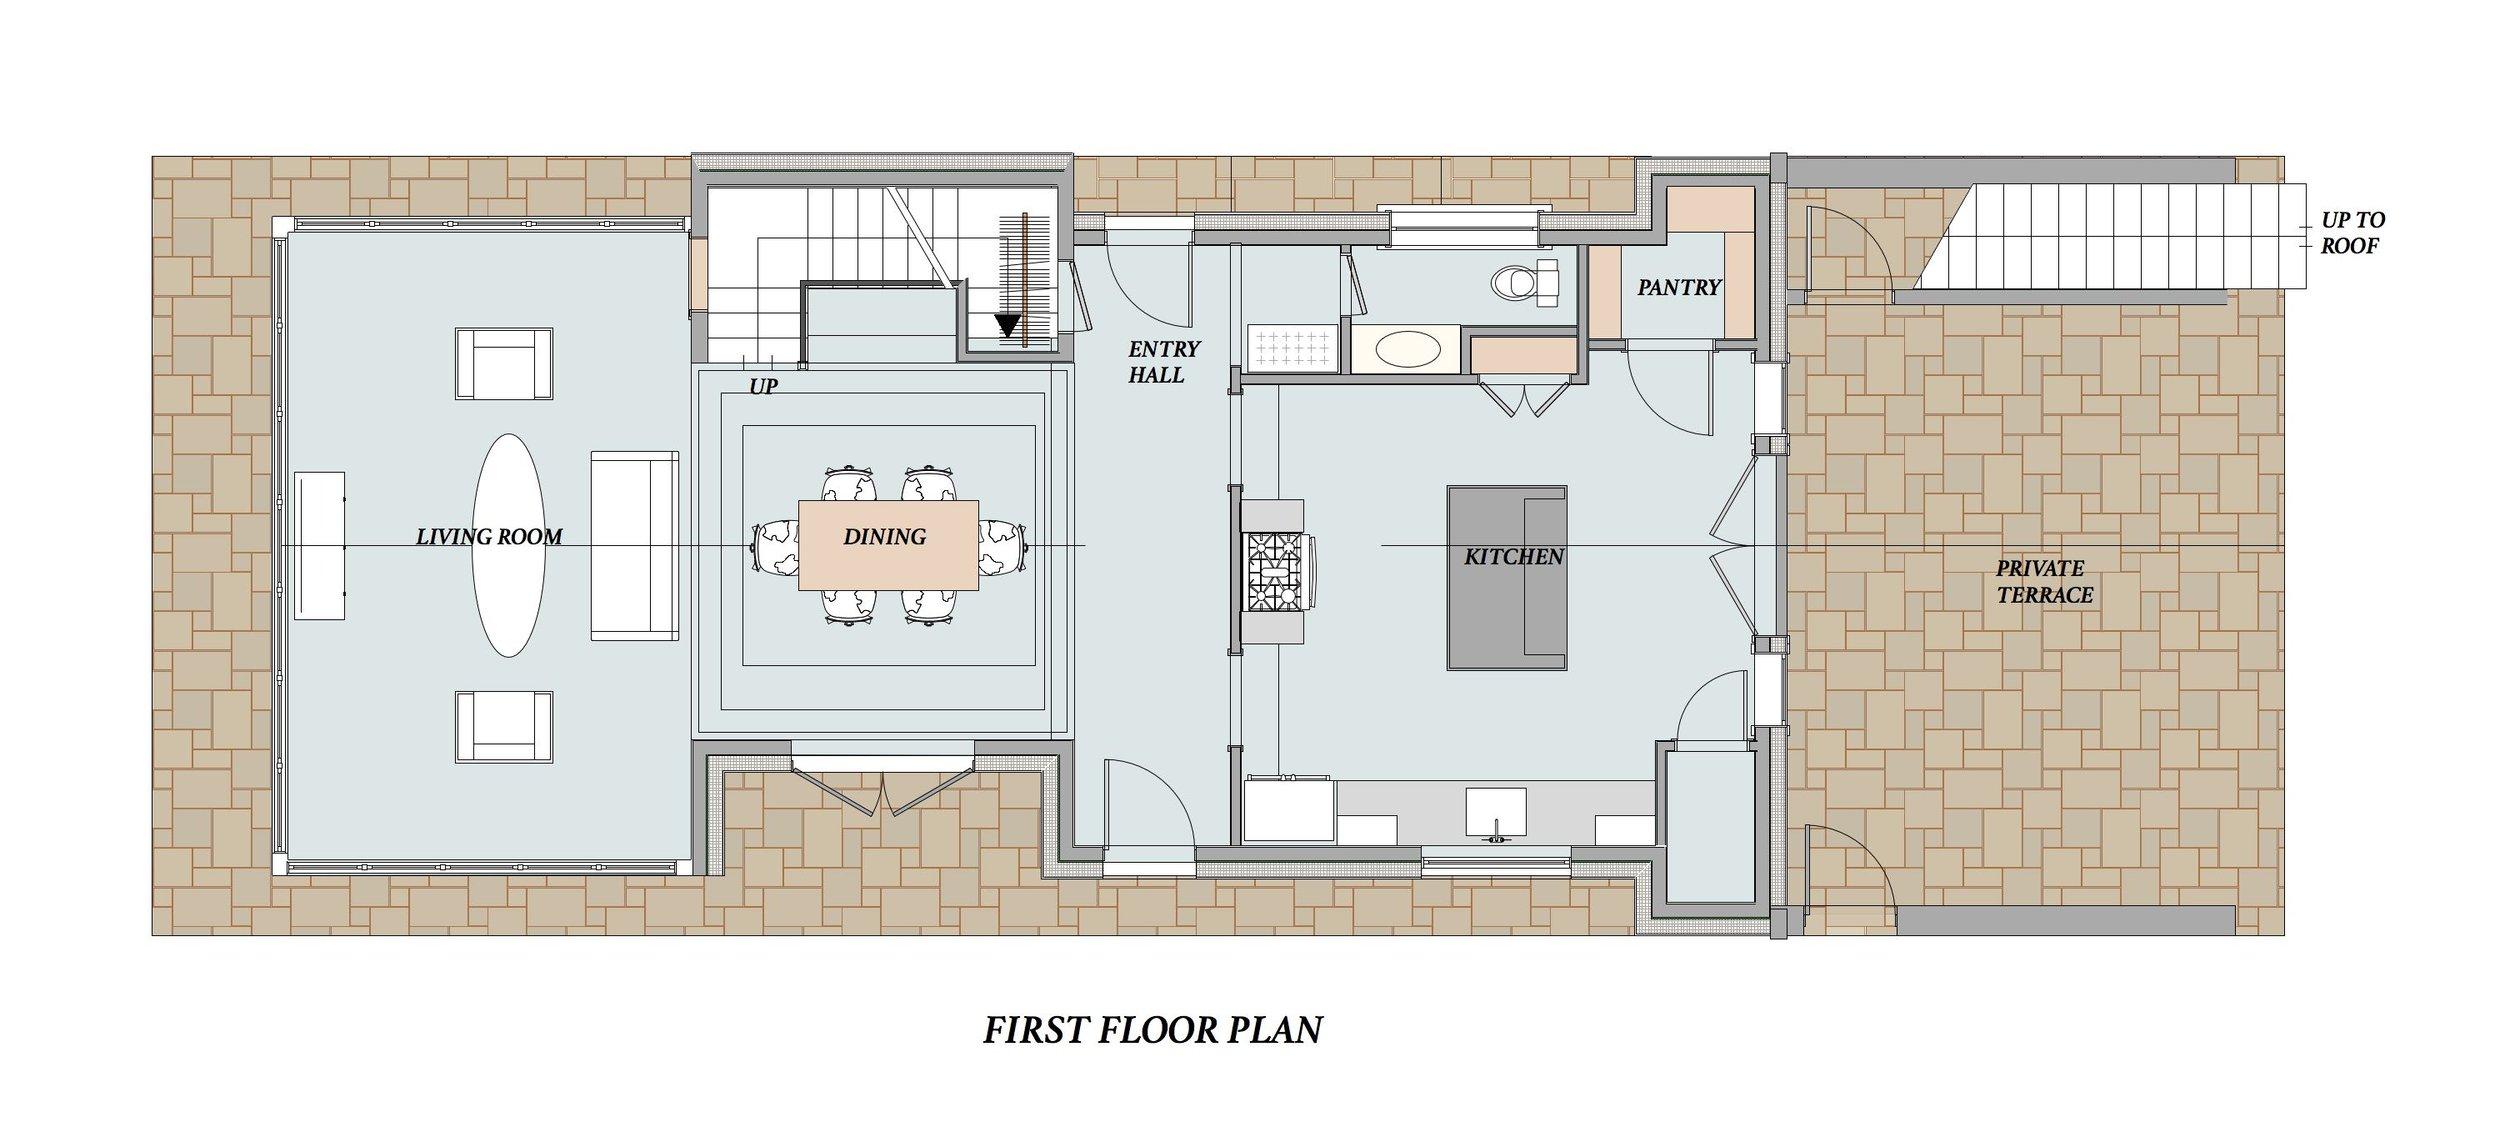 MODERN HOUSE FIRST FLOOR PLAN 2.jpg